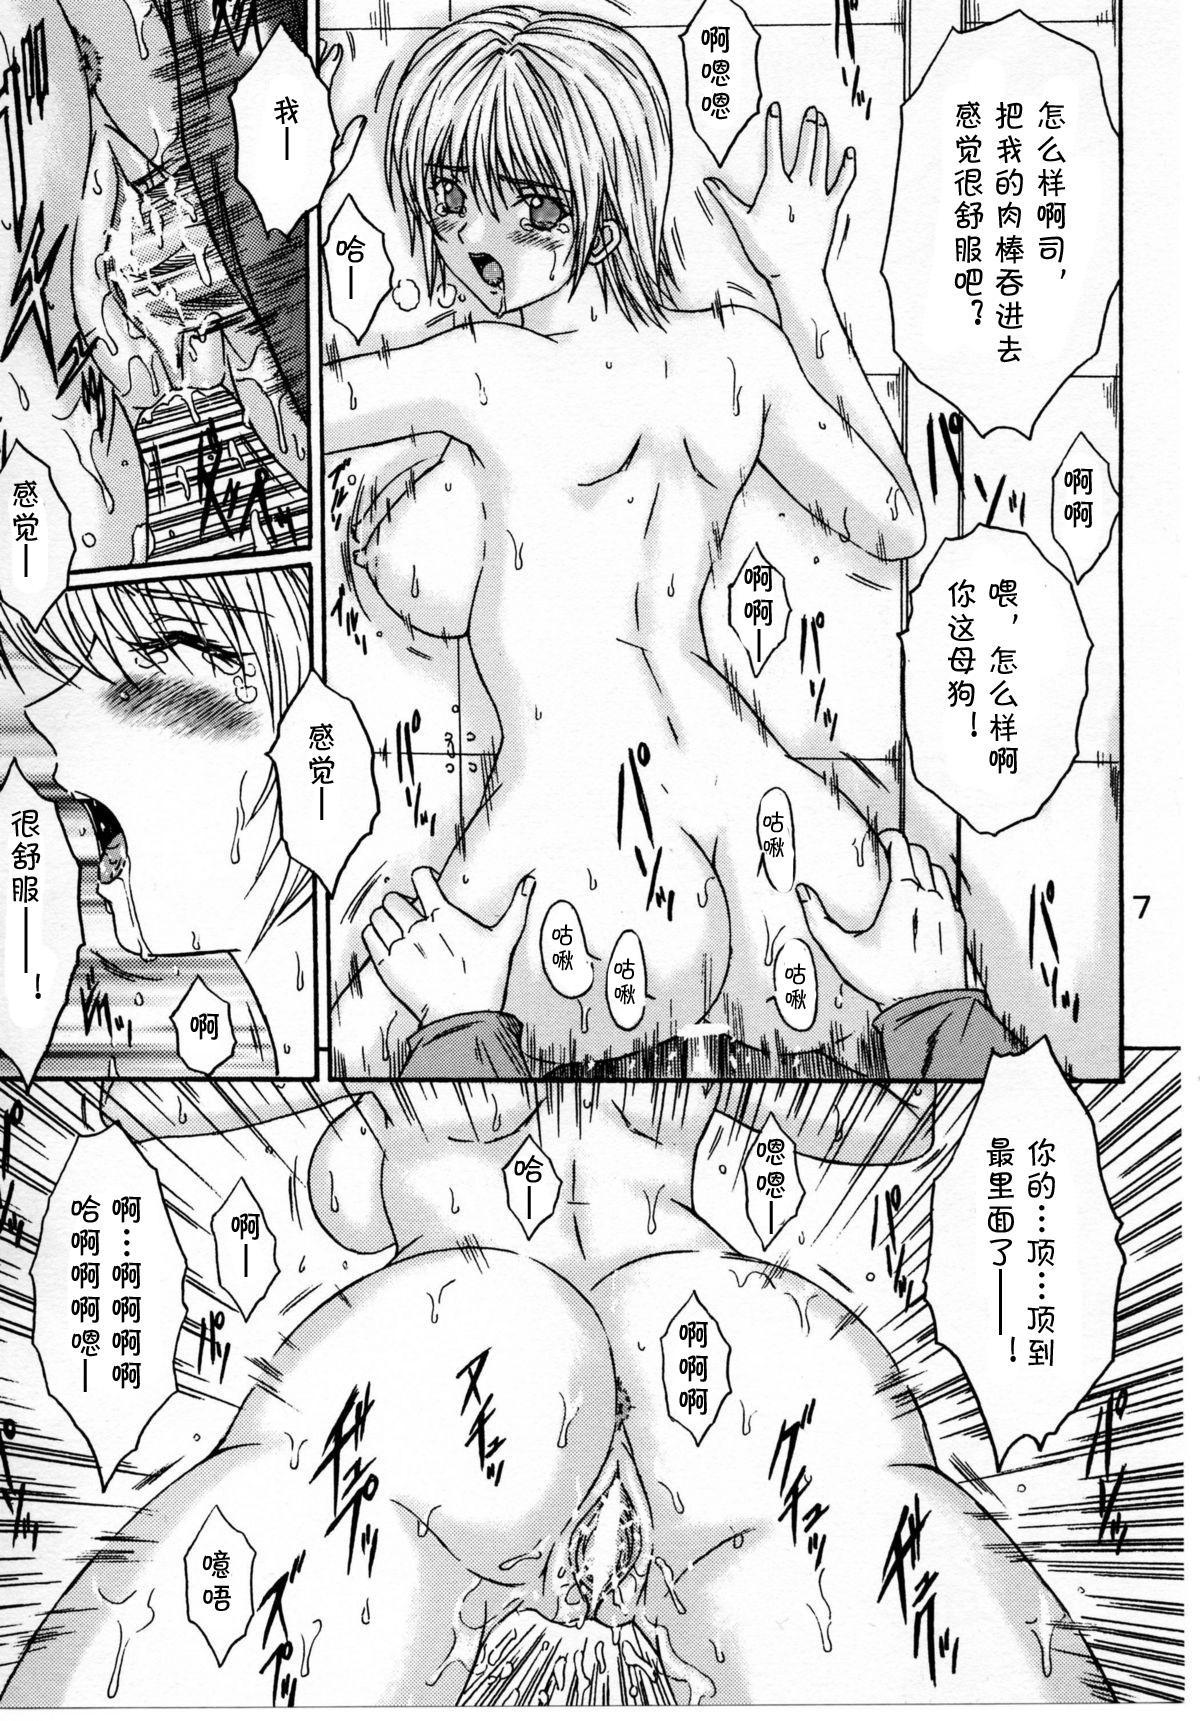 Ryoujoku Rensa 04 5